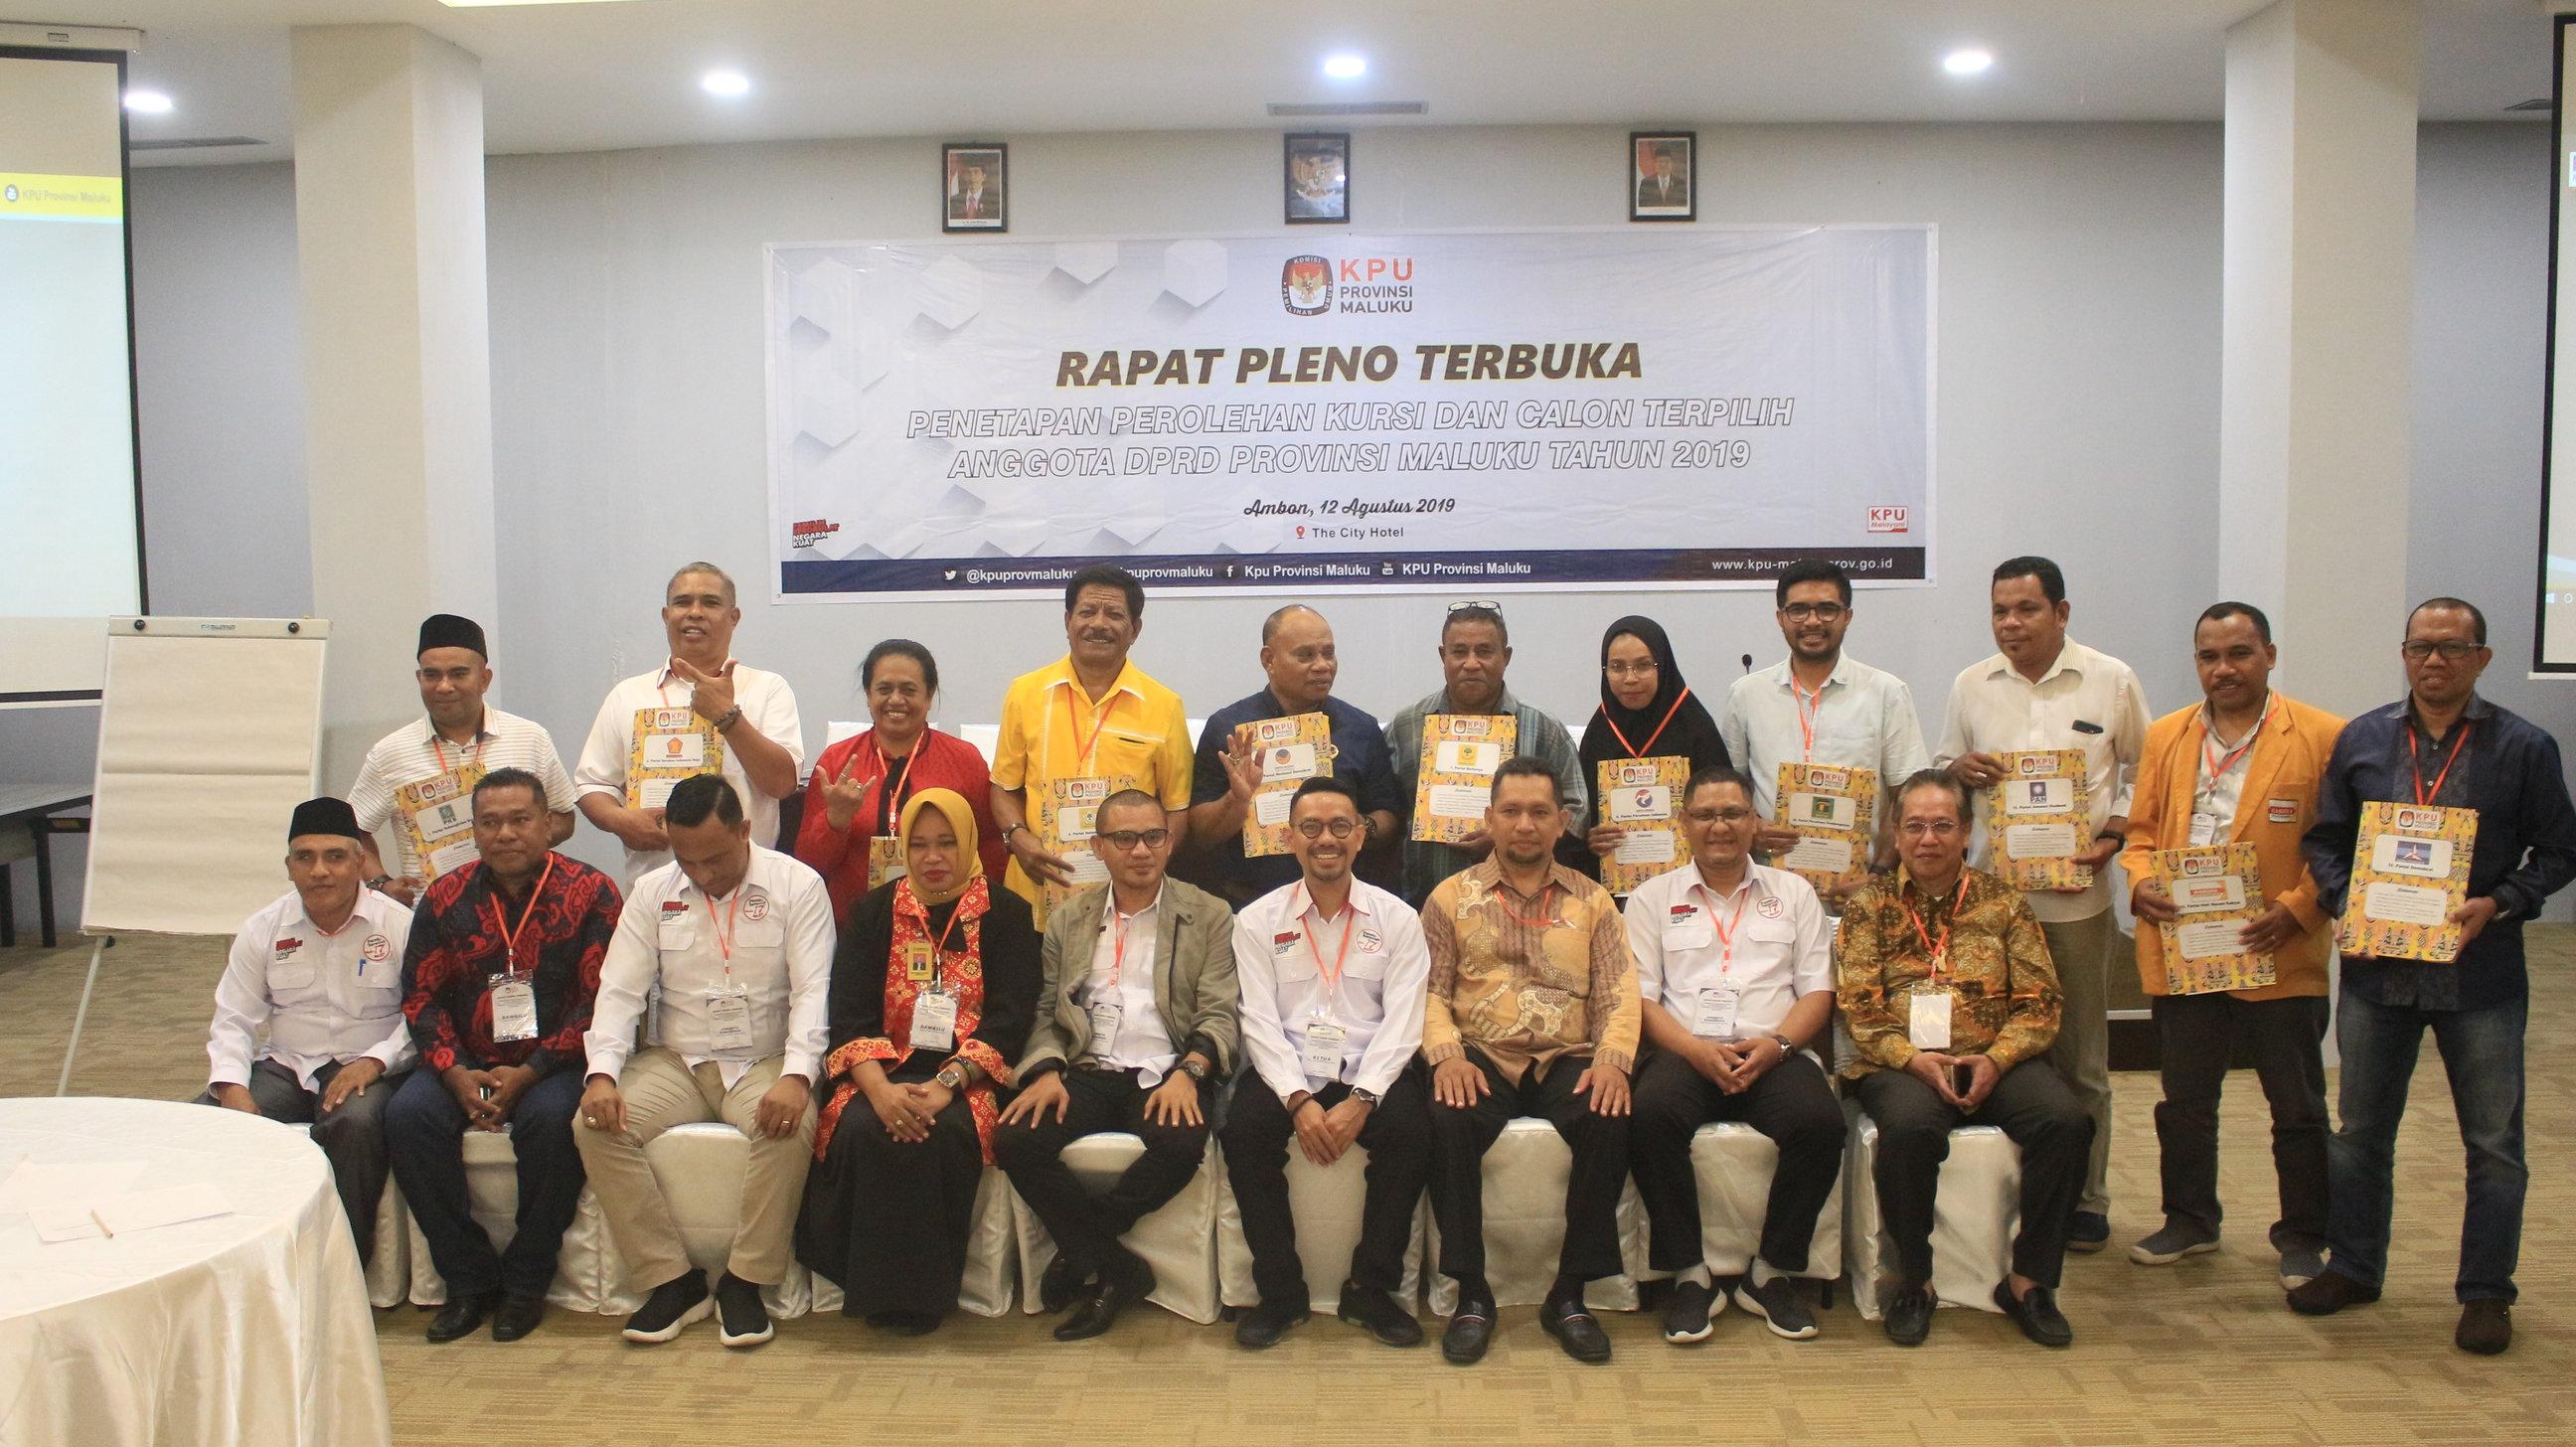 Penetapan Perolehan Kursi Partai Politik Dan Calon Terpilih Anggota DPRD Prov. Maluku Pemilu 2019